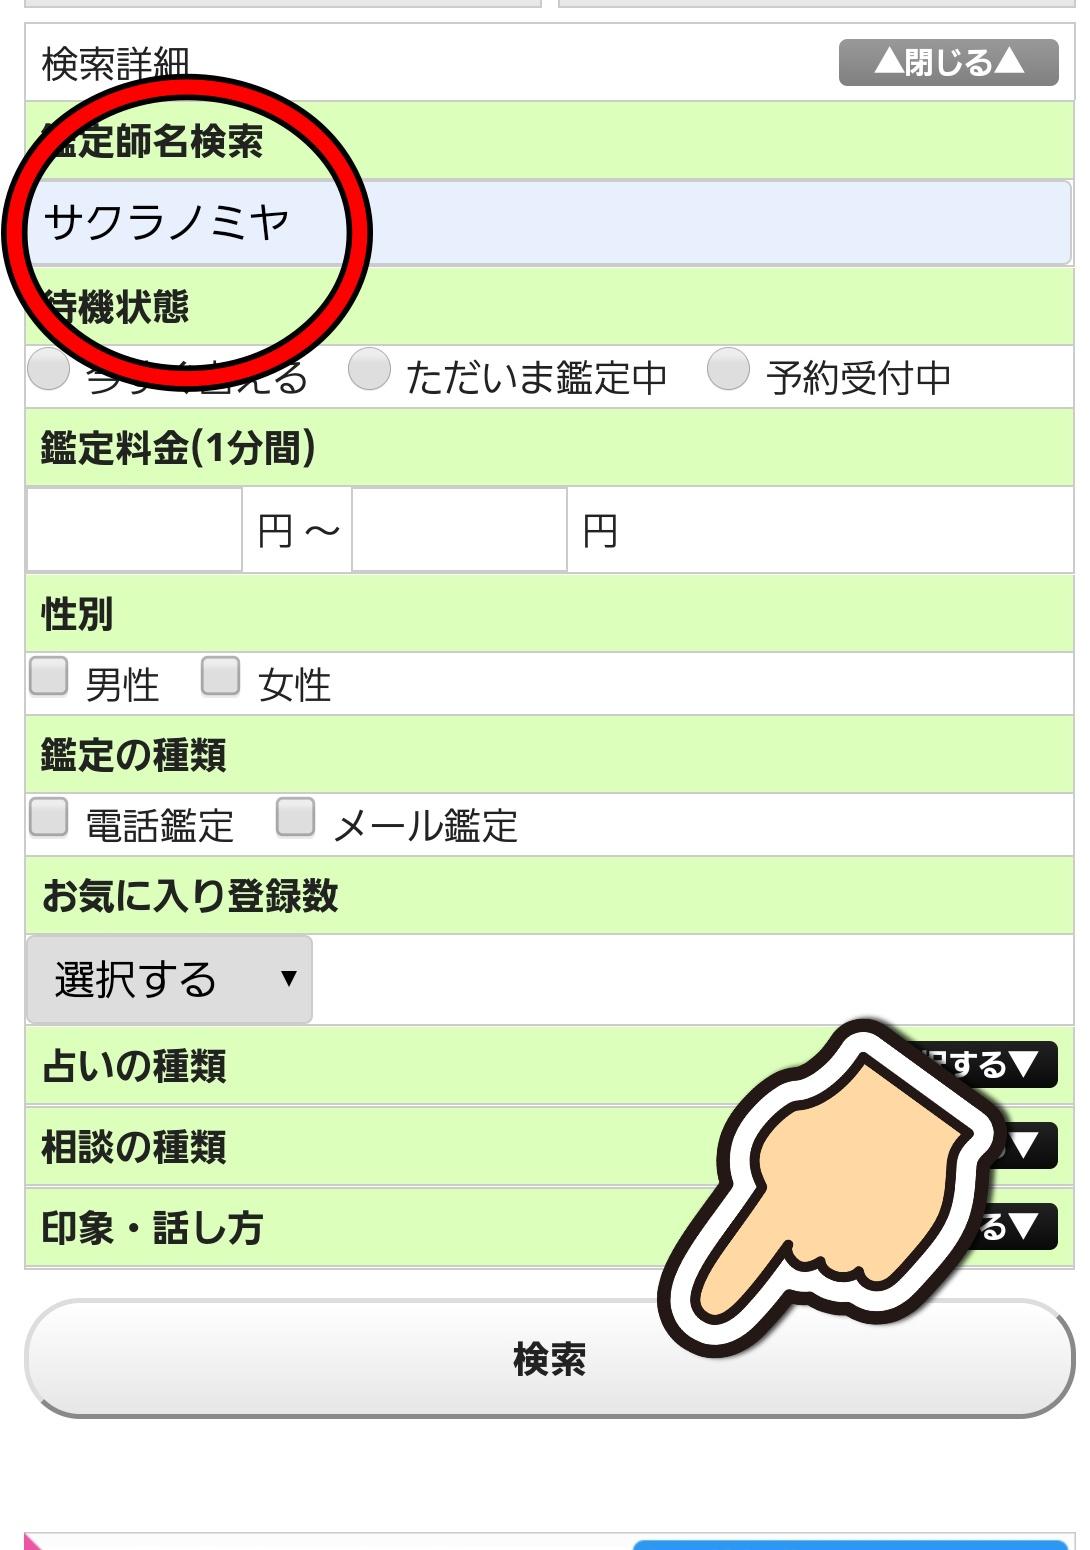 電話占いピュアリで桜ノ宮先生の予約を取る方法